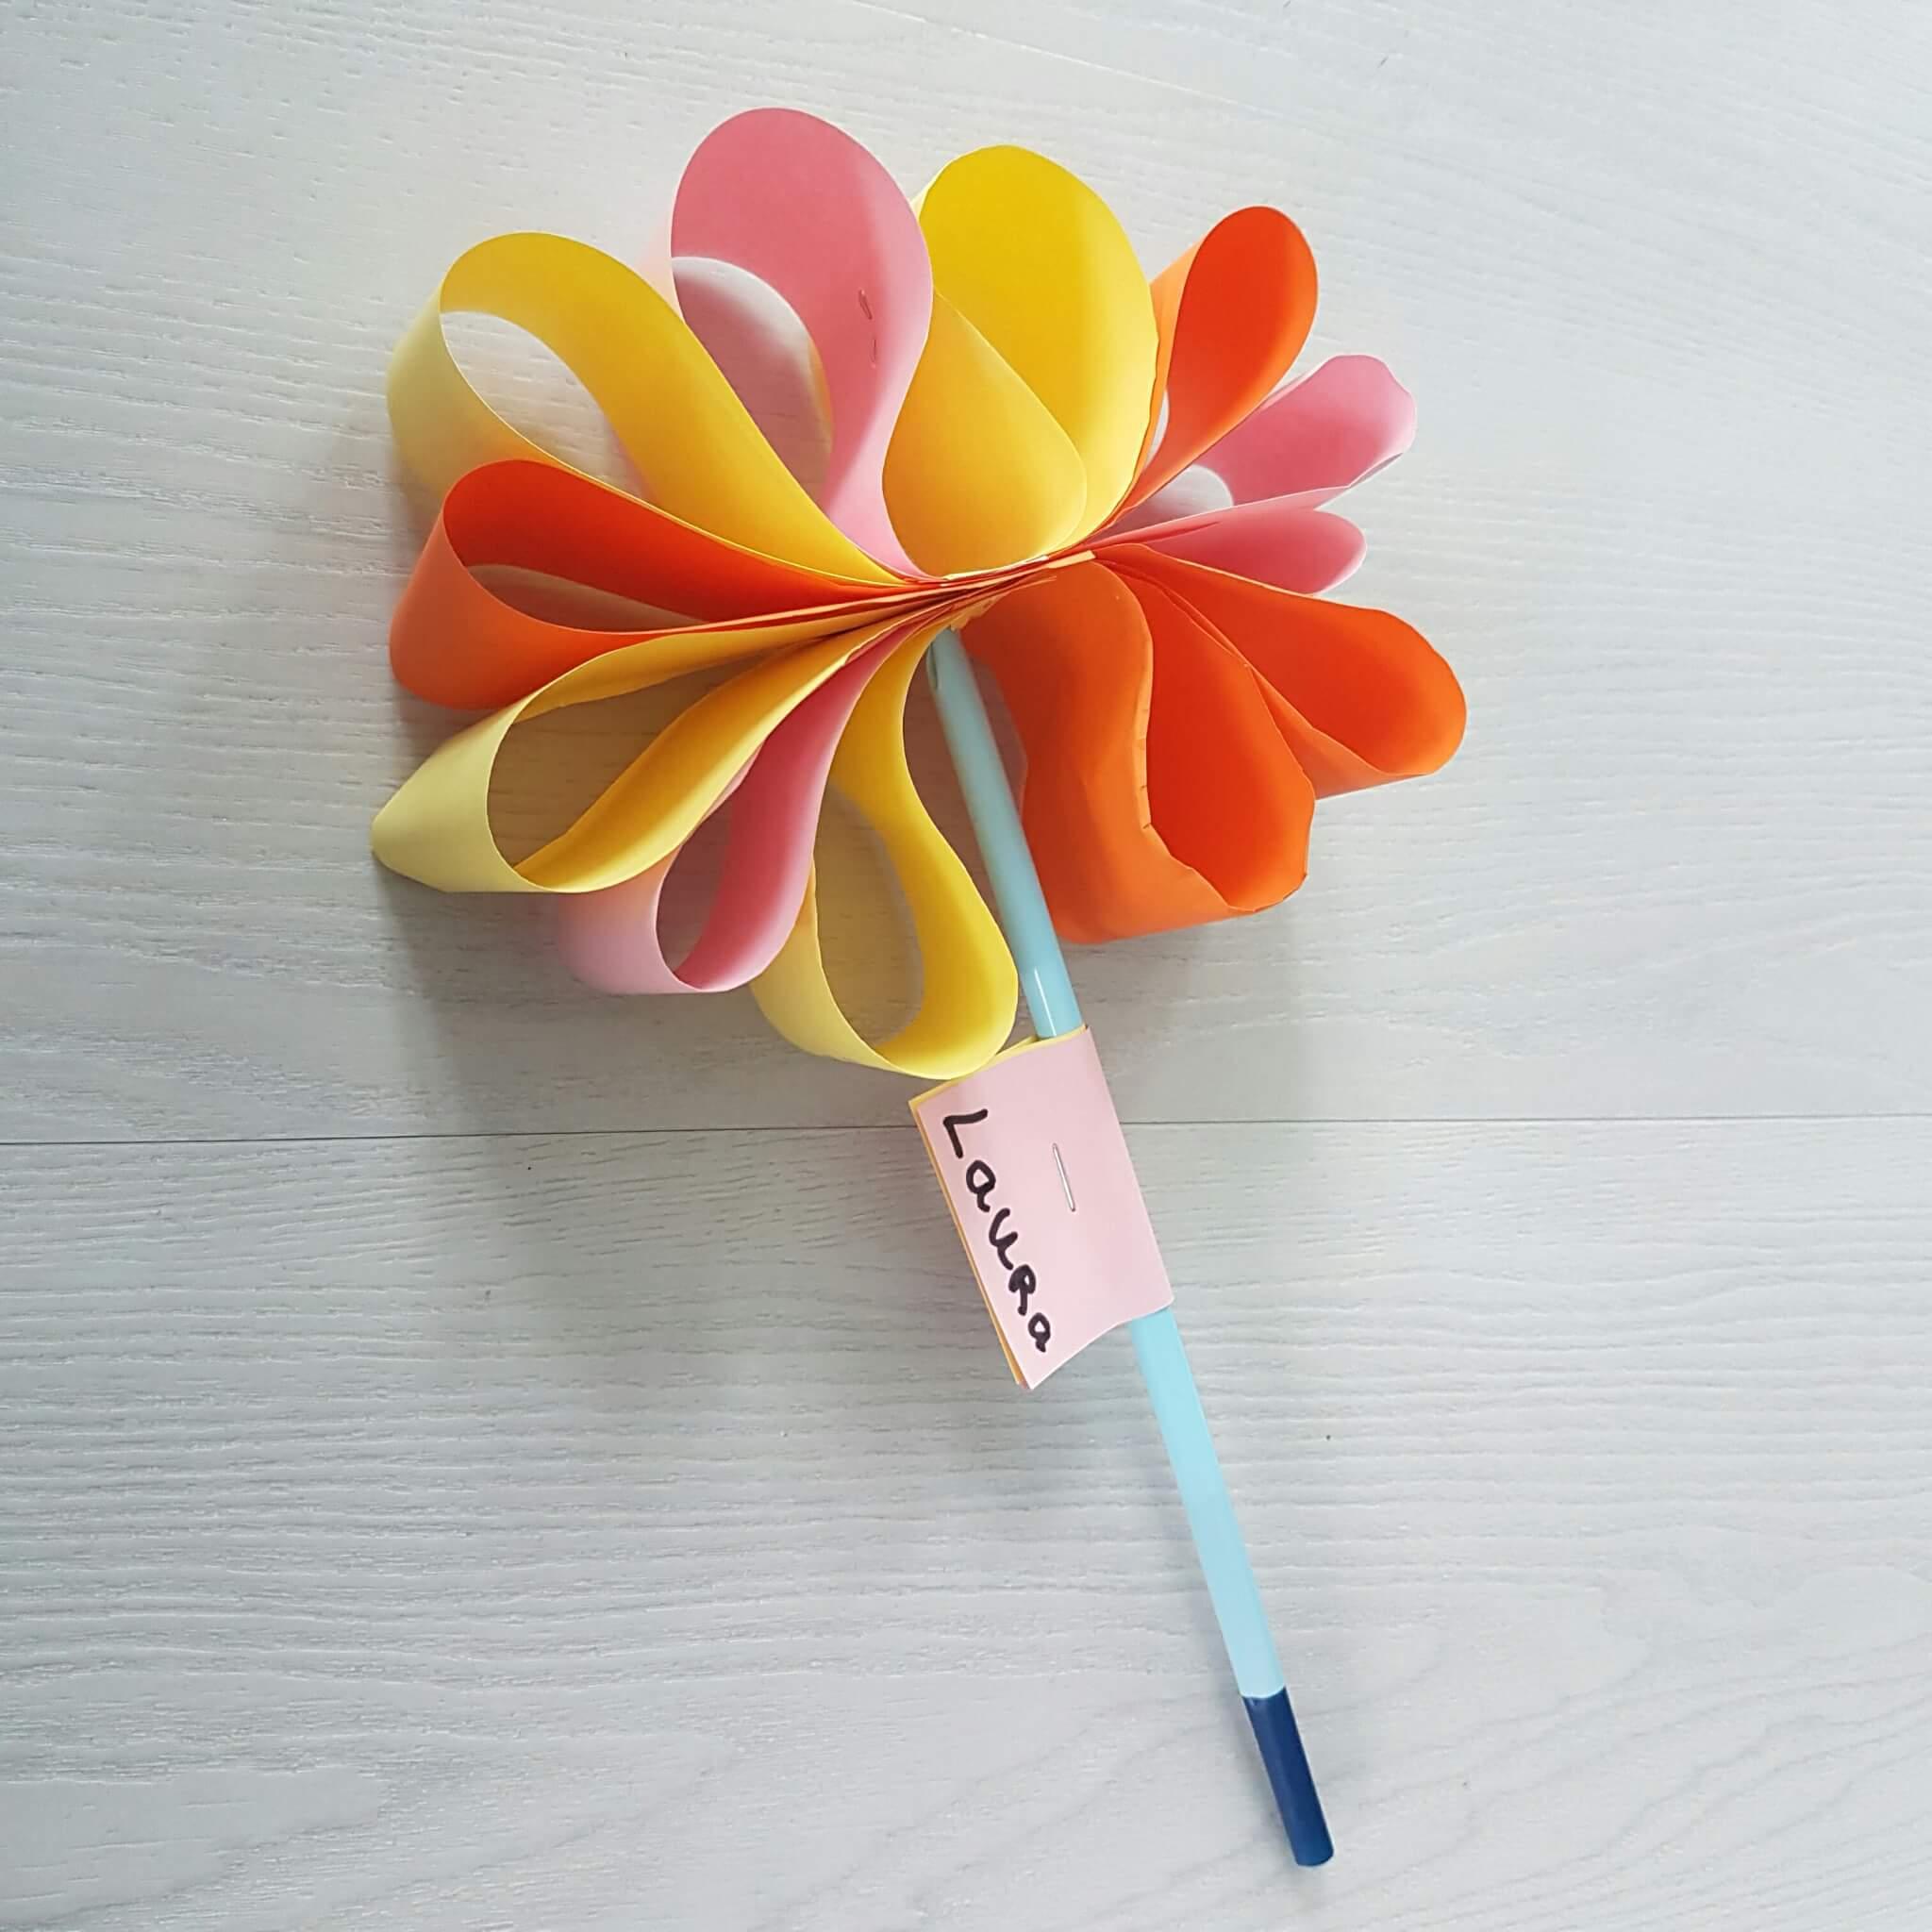 Bloemen knutselen van papier karton rietjes tie wraps juffendag meesterdag vaderdag moederdag